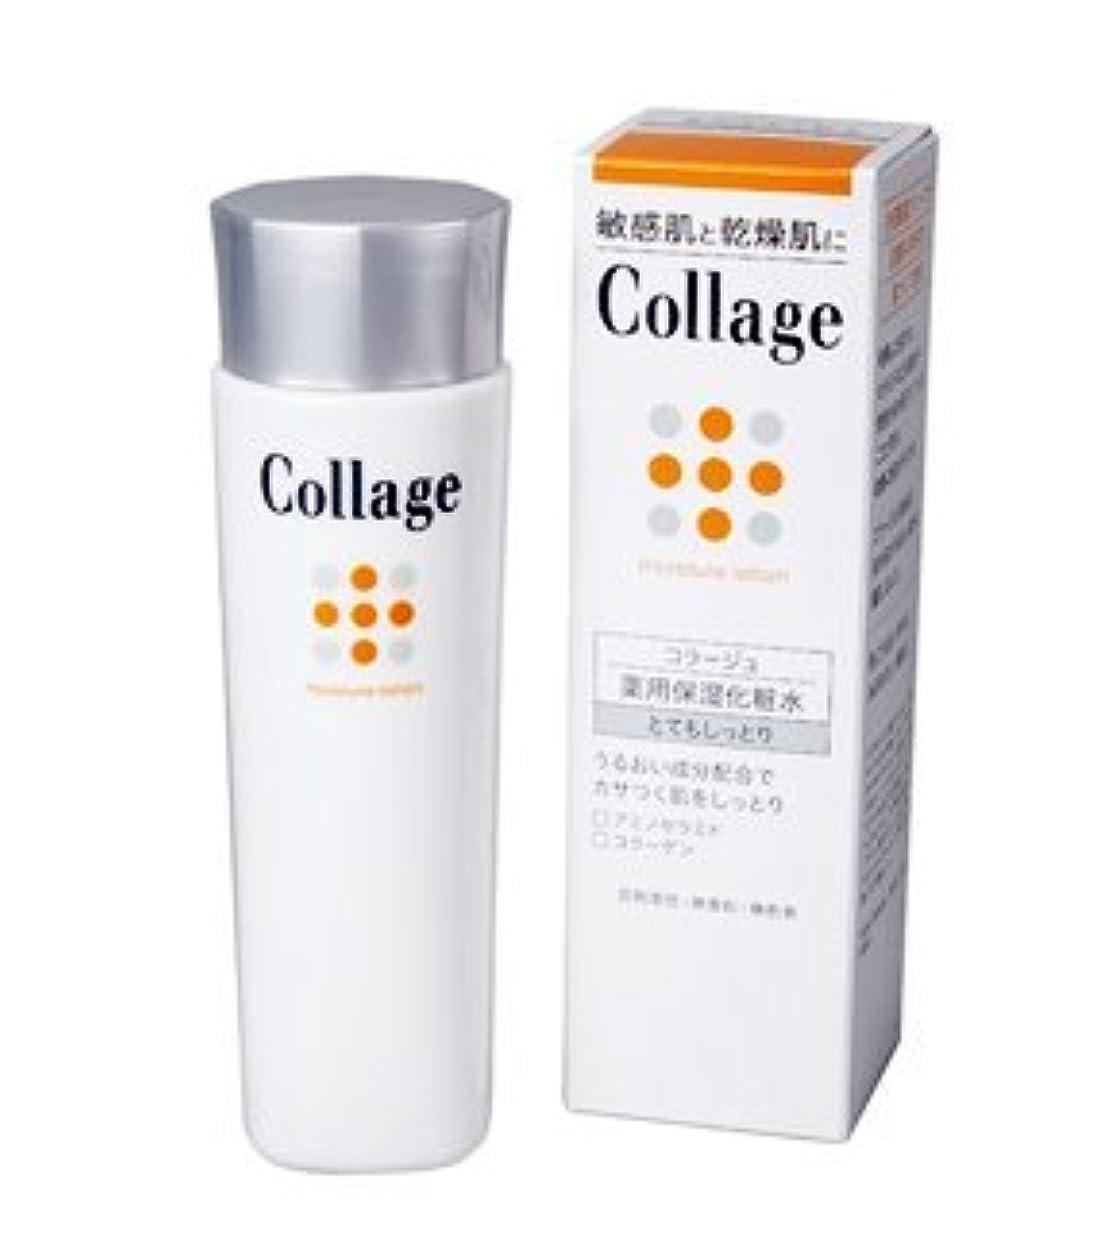 先入観悪い一般化する【持田ヘルスケア】 コラージュ薬用保湿化粧水 とてもしっとり 120ml (医薬部外品) ×4個セット